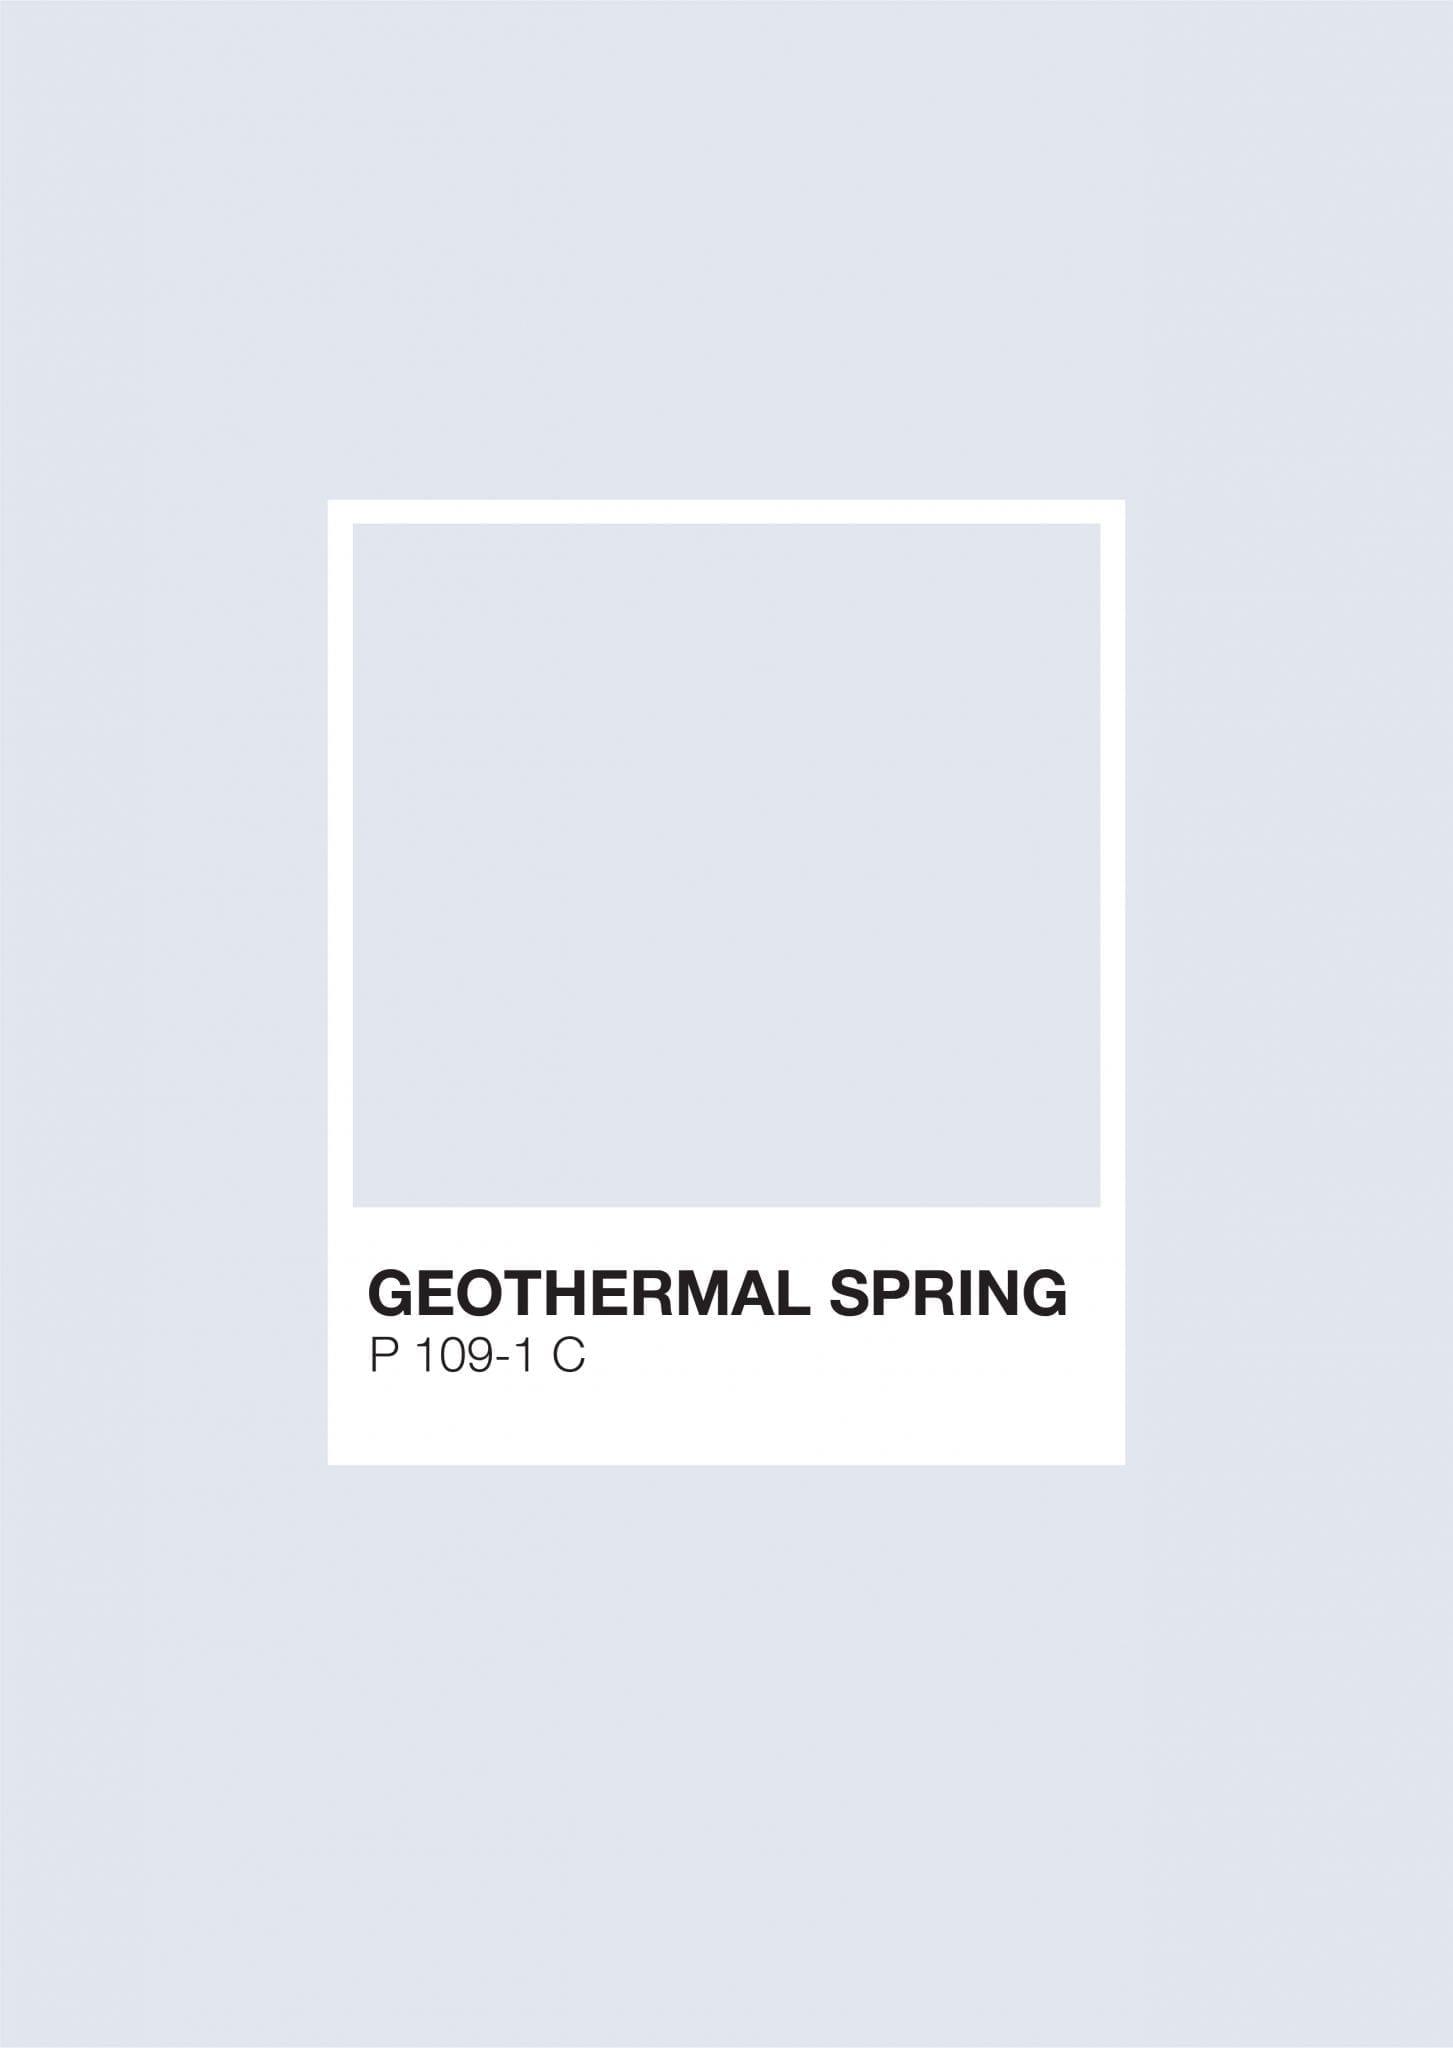 Iceland Pantone: Geothermal Spring